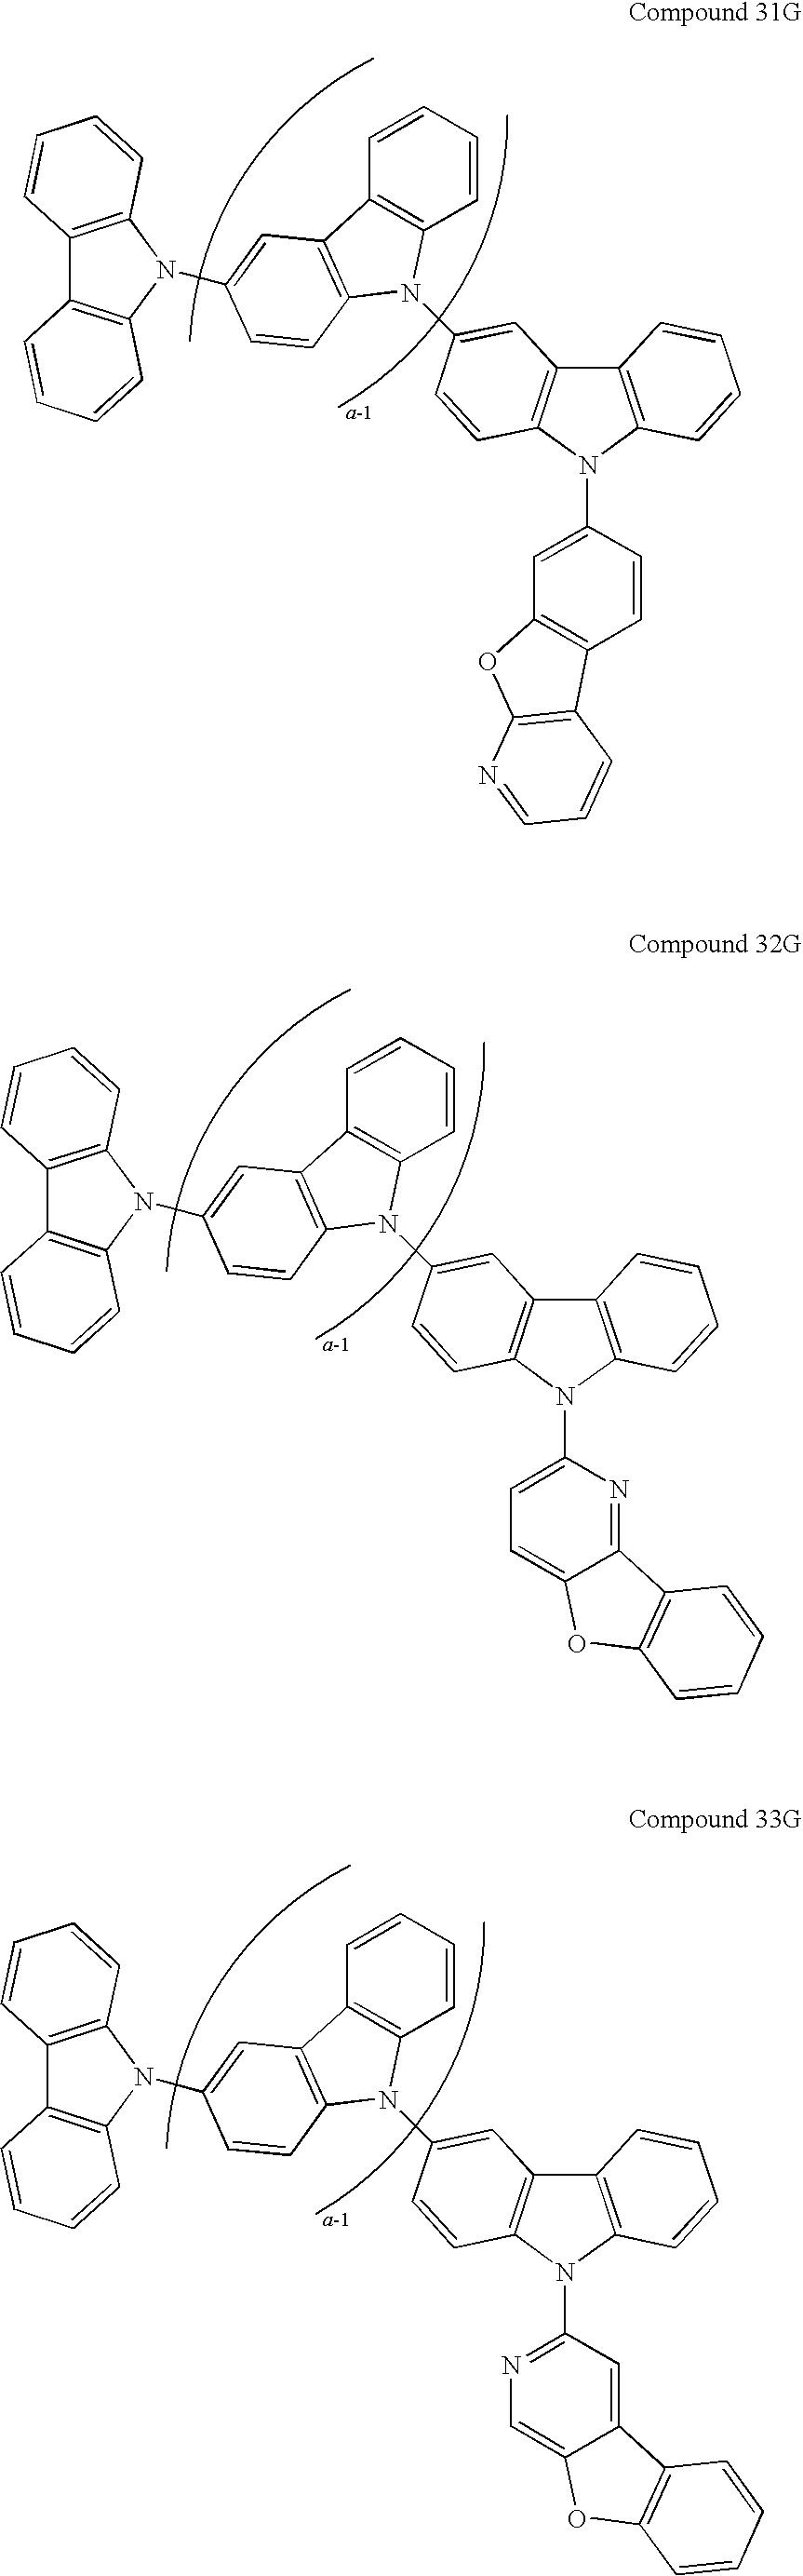 Figure US20090134784A1-20090528-C00014